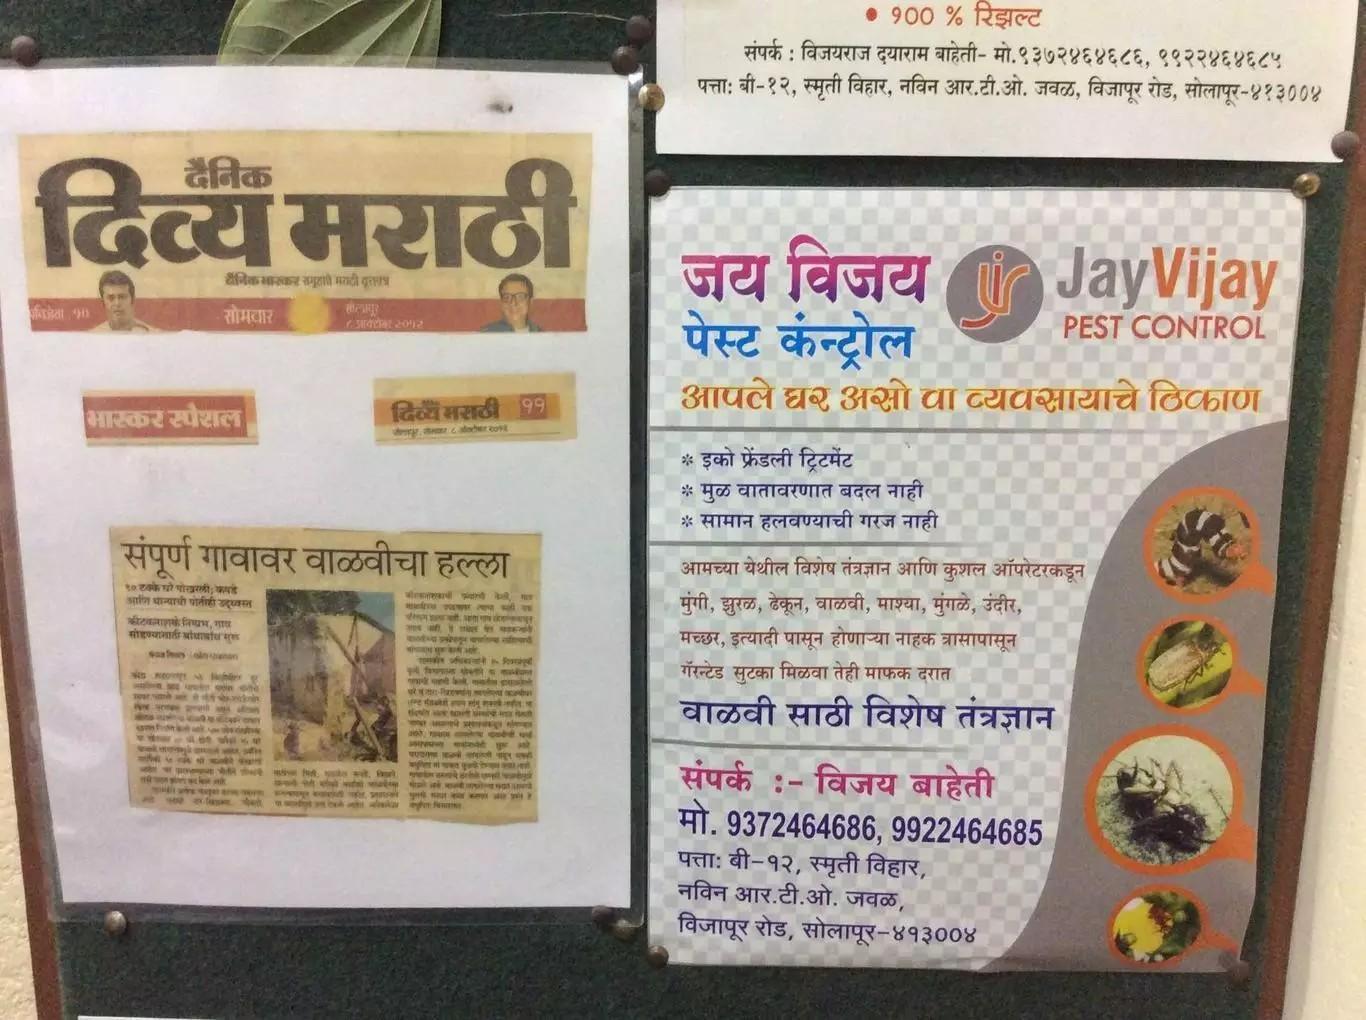 Jay Vijay Pest Control